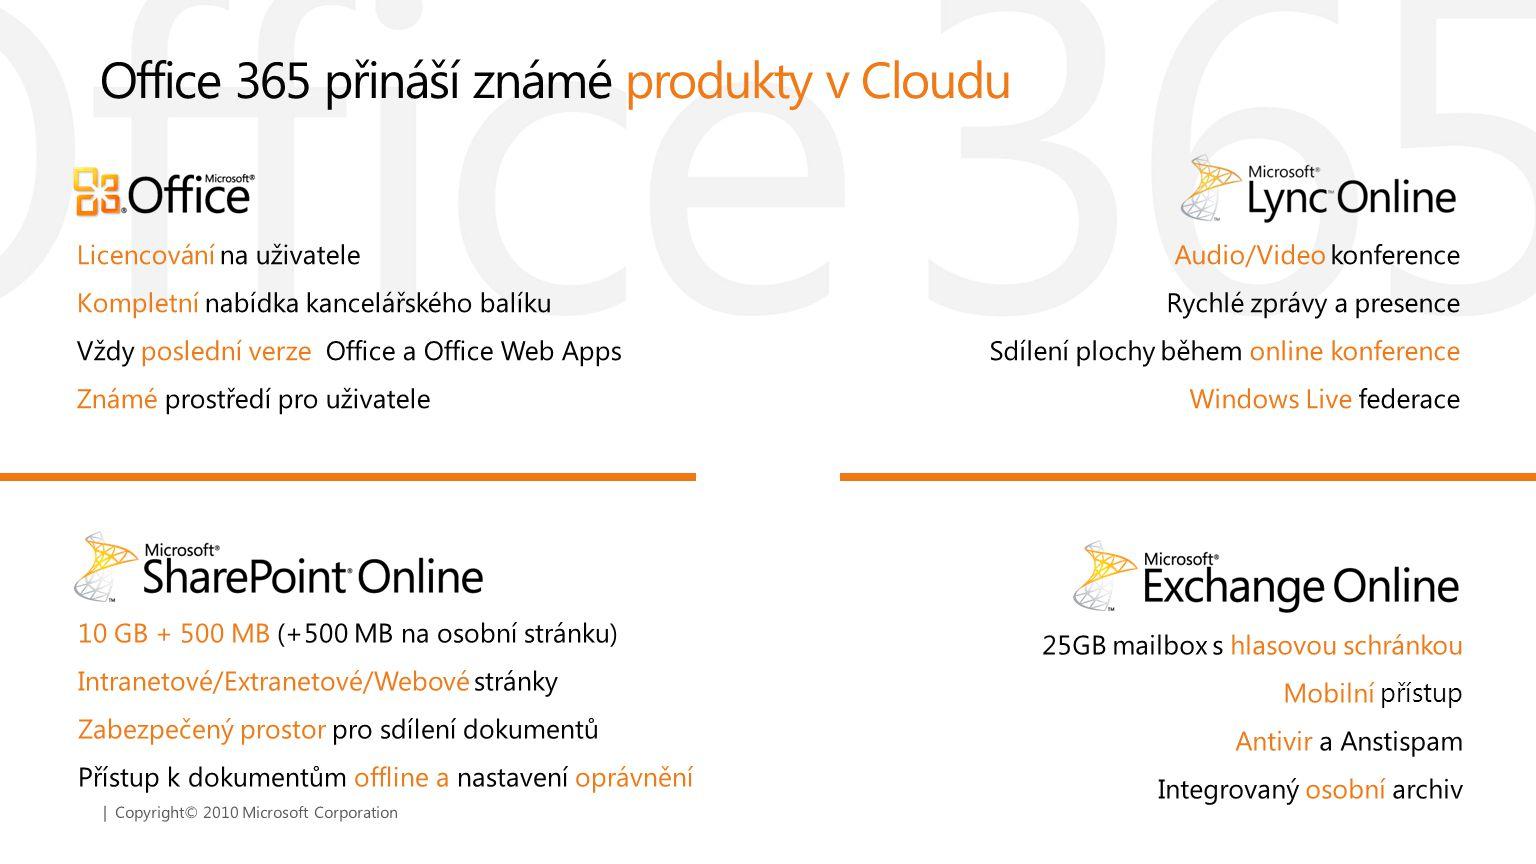 | Copyright© 2010 Microsoft Corporation Office 365 pro každého Pro školství Vysoké školy Interní IT nebo spoluúčast IT partnera Plná funkcionalita SLA jako pro velké společnosti, upraveno dle požadavků na výuku studentů Pro střední a velké společnosti S vlastním IT nebo partnerským IT Plná funkcionalita, scénáře, konfigurovatelnost Široká nabídka produktů pro každou funkci 24x7 telefonní podpora Pro malé firmy Profesionálové či IT konsultanti Nízké měsíční poplatky Jednoduché prostřeídí Komunity